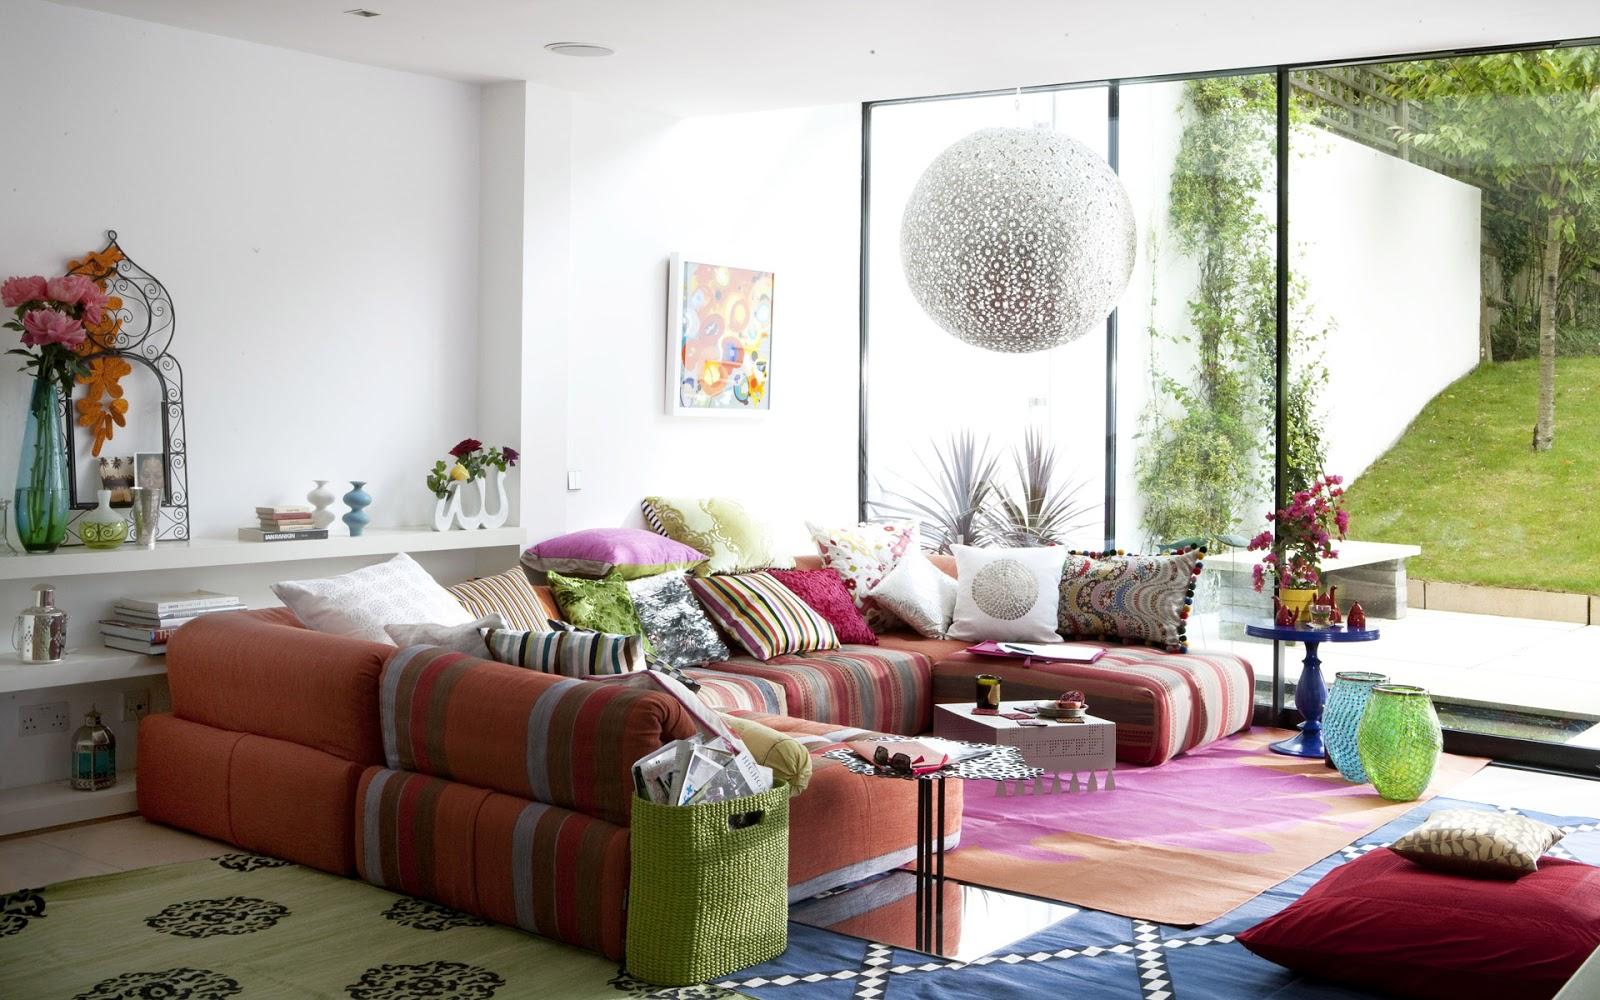 969-home-decorating-interior-decorating-ideas